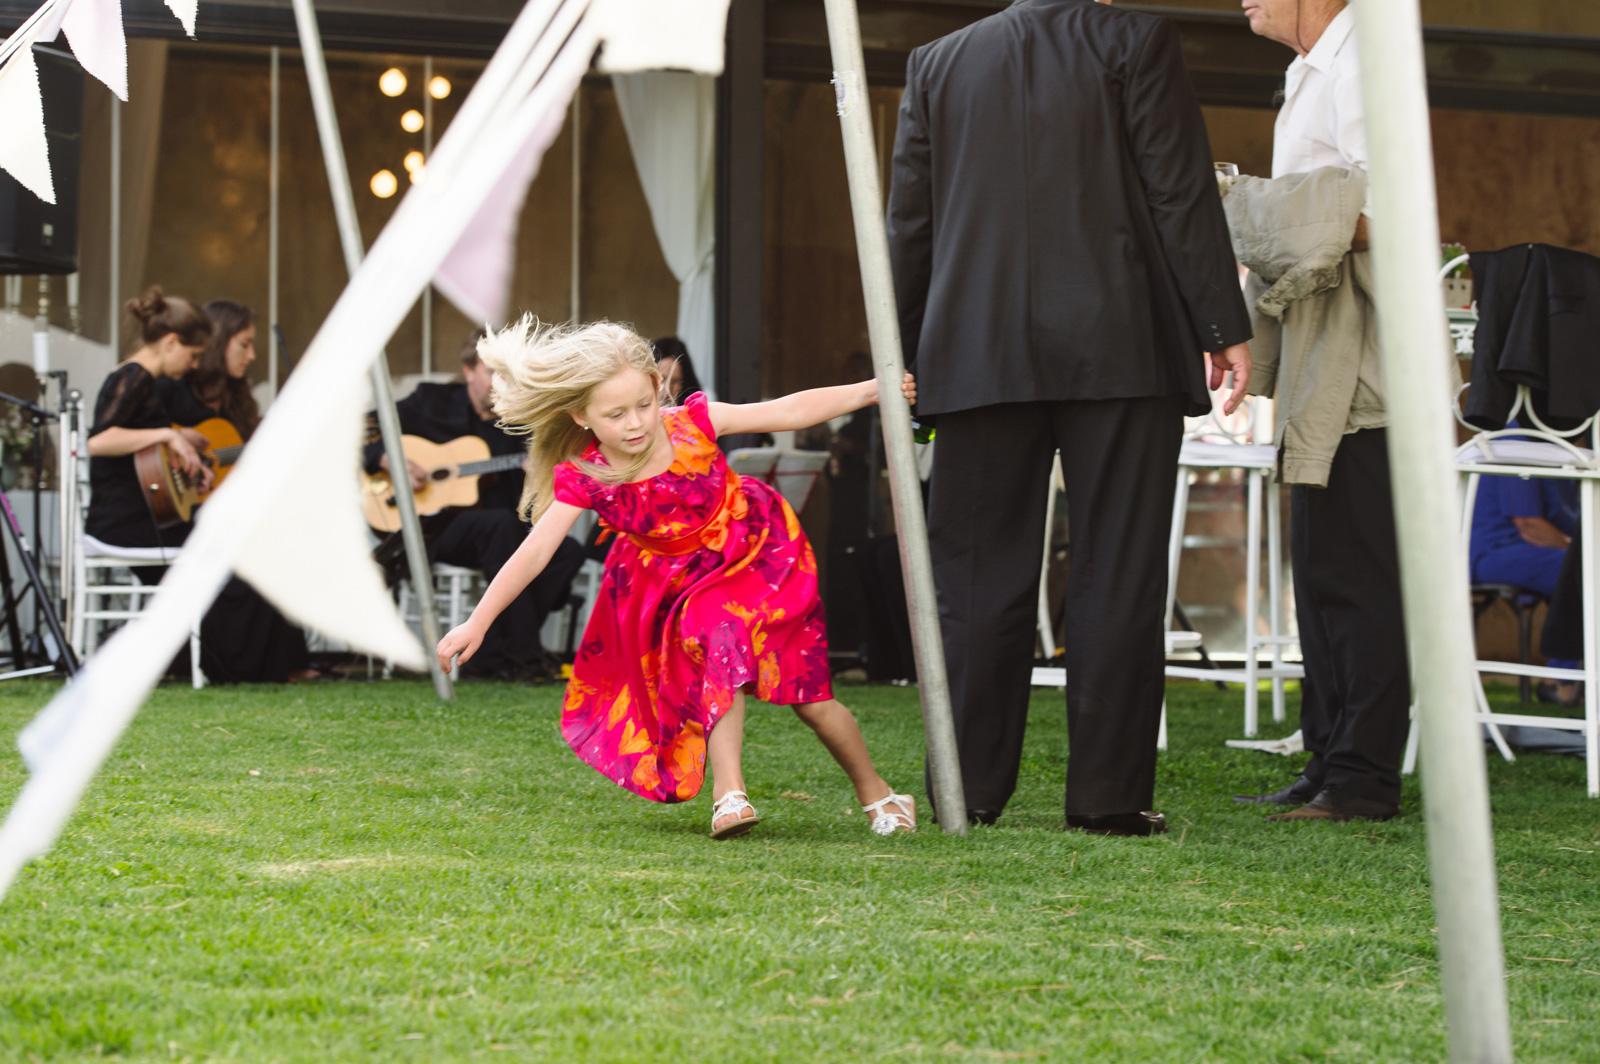 girl spinning